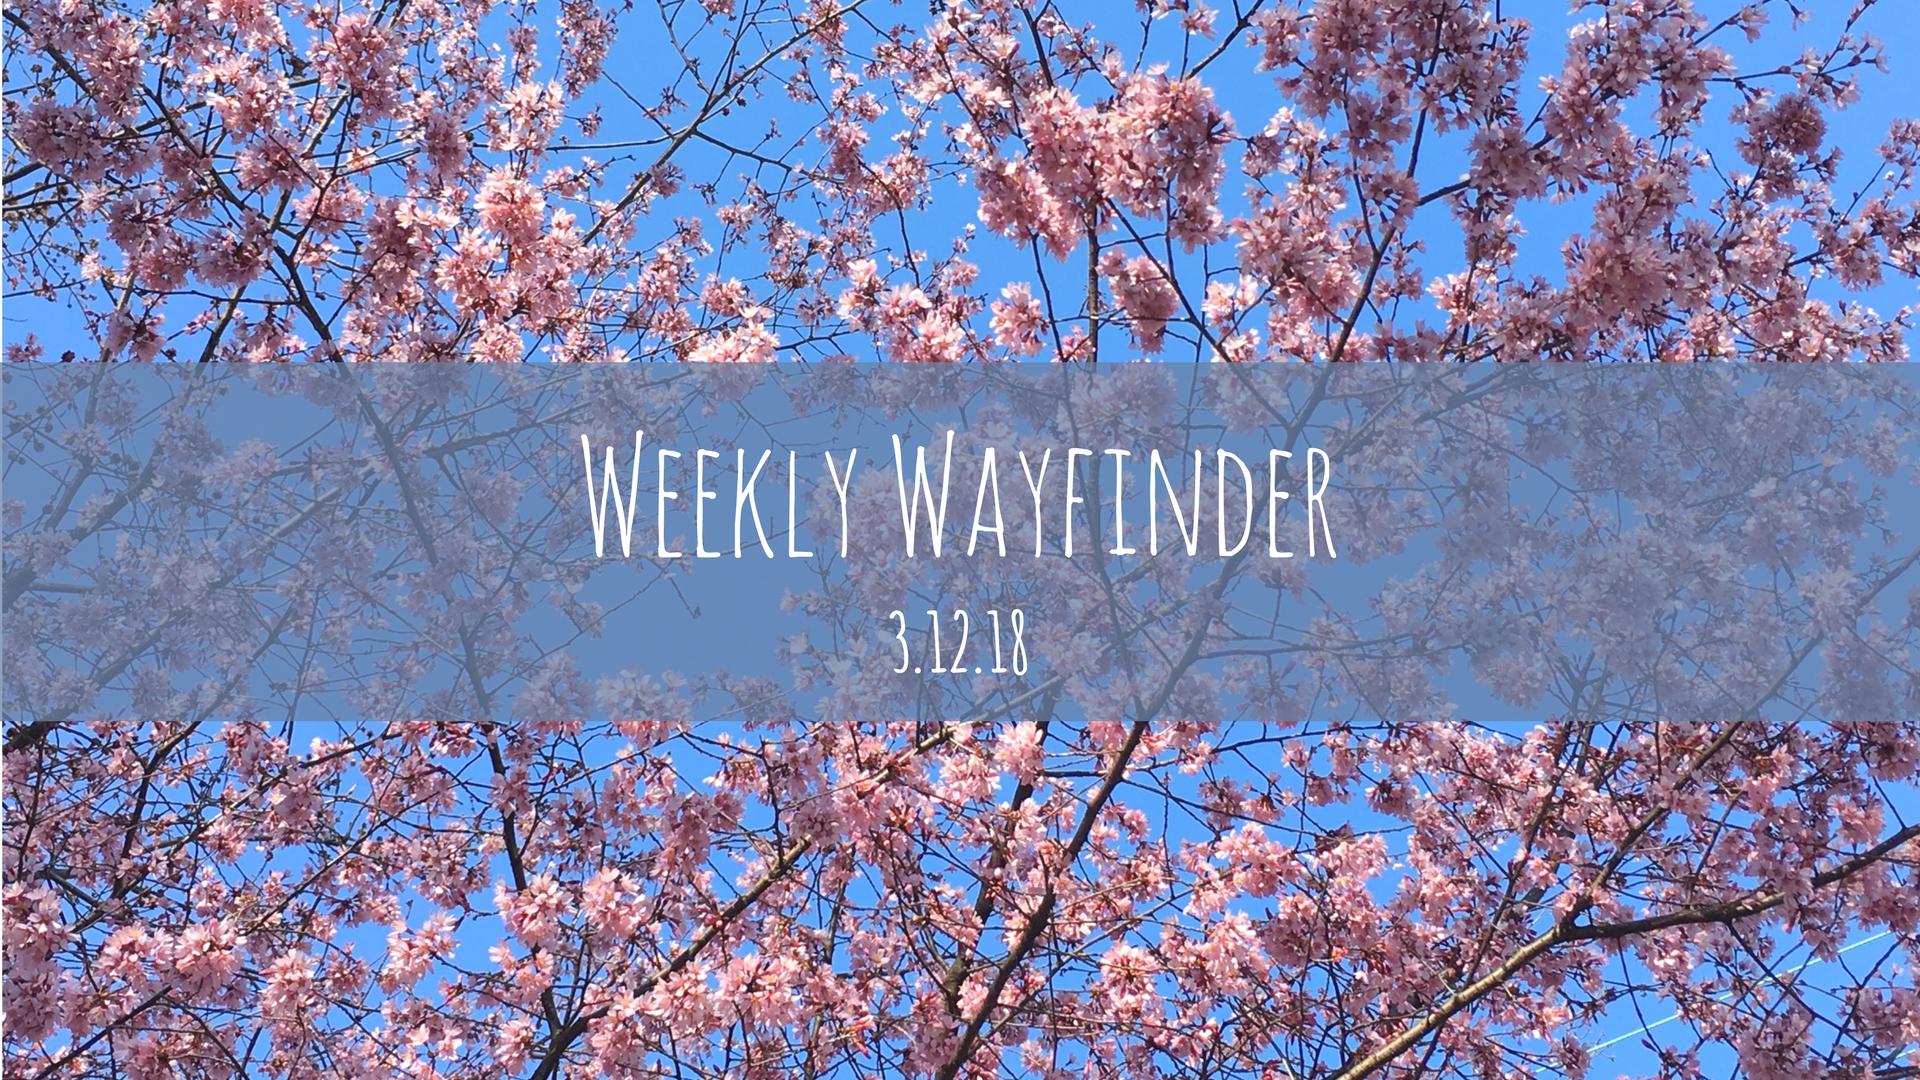 Weekly Wayfinder (6).jpg